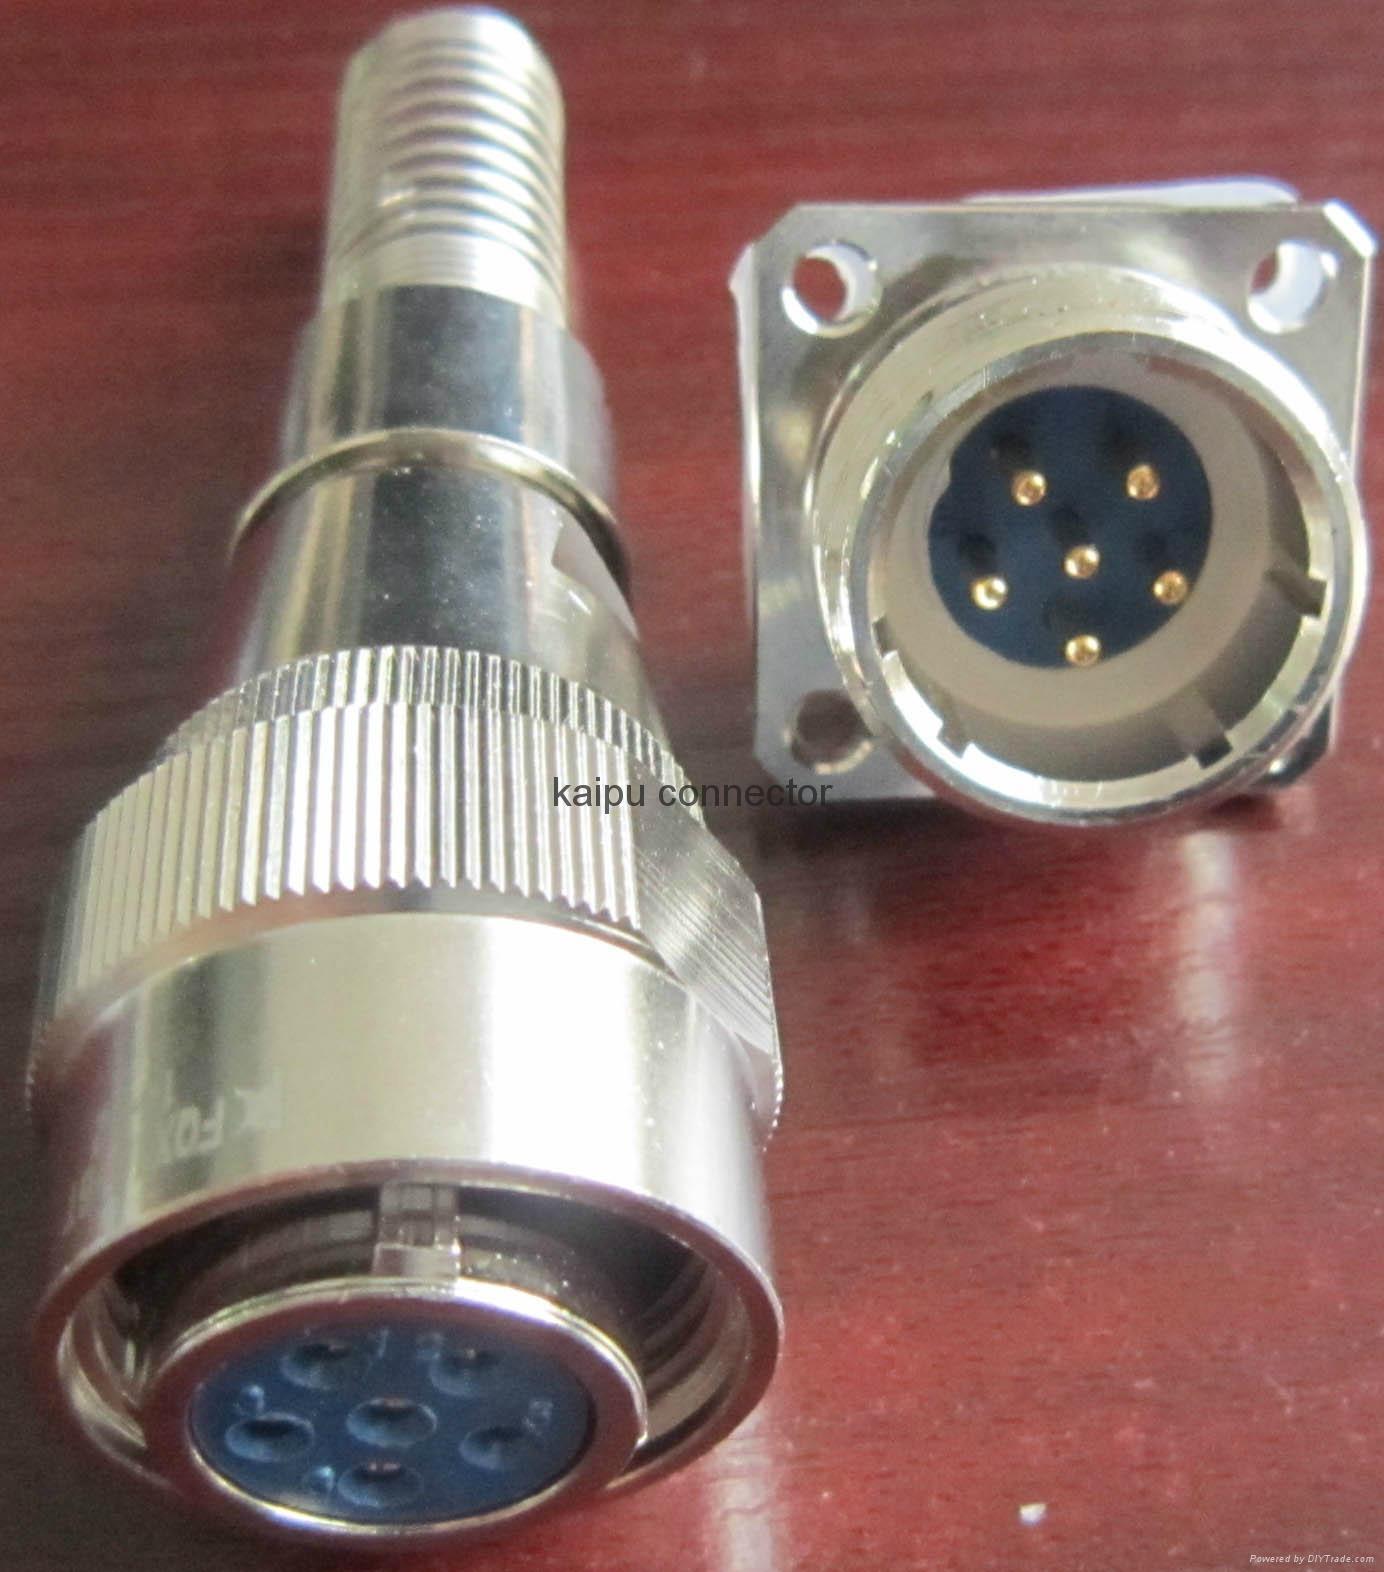 防水航空插头IP68级 4